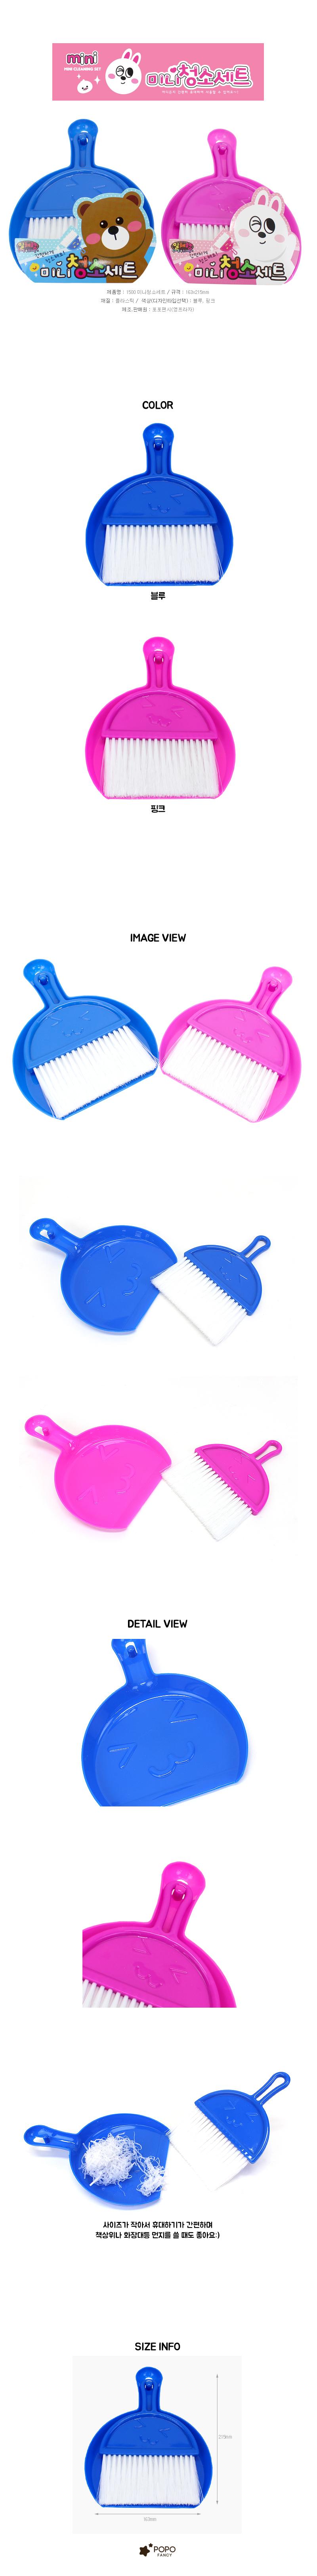 미니 청소세트 - 포포팬시, 1,200원, 청소도구, 빗자루/쓰레받기